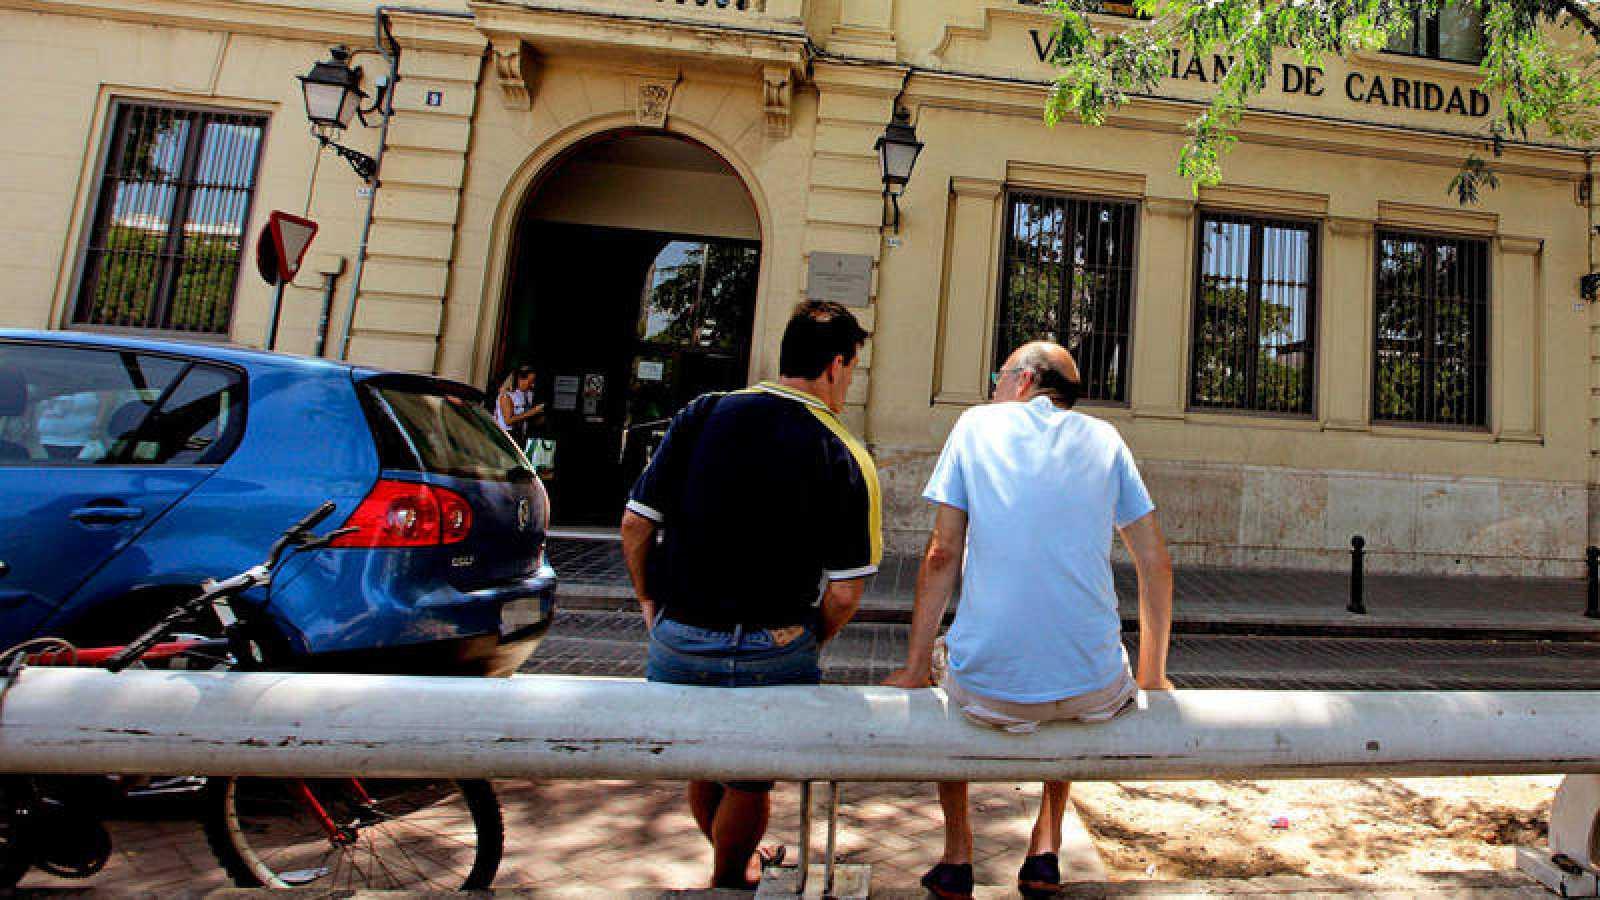 Imagen de archivo de dos hombres sentados ante la Casa de la Caridad de Valencia